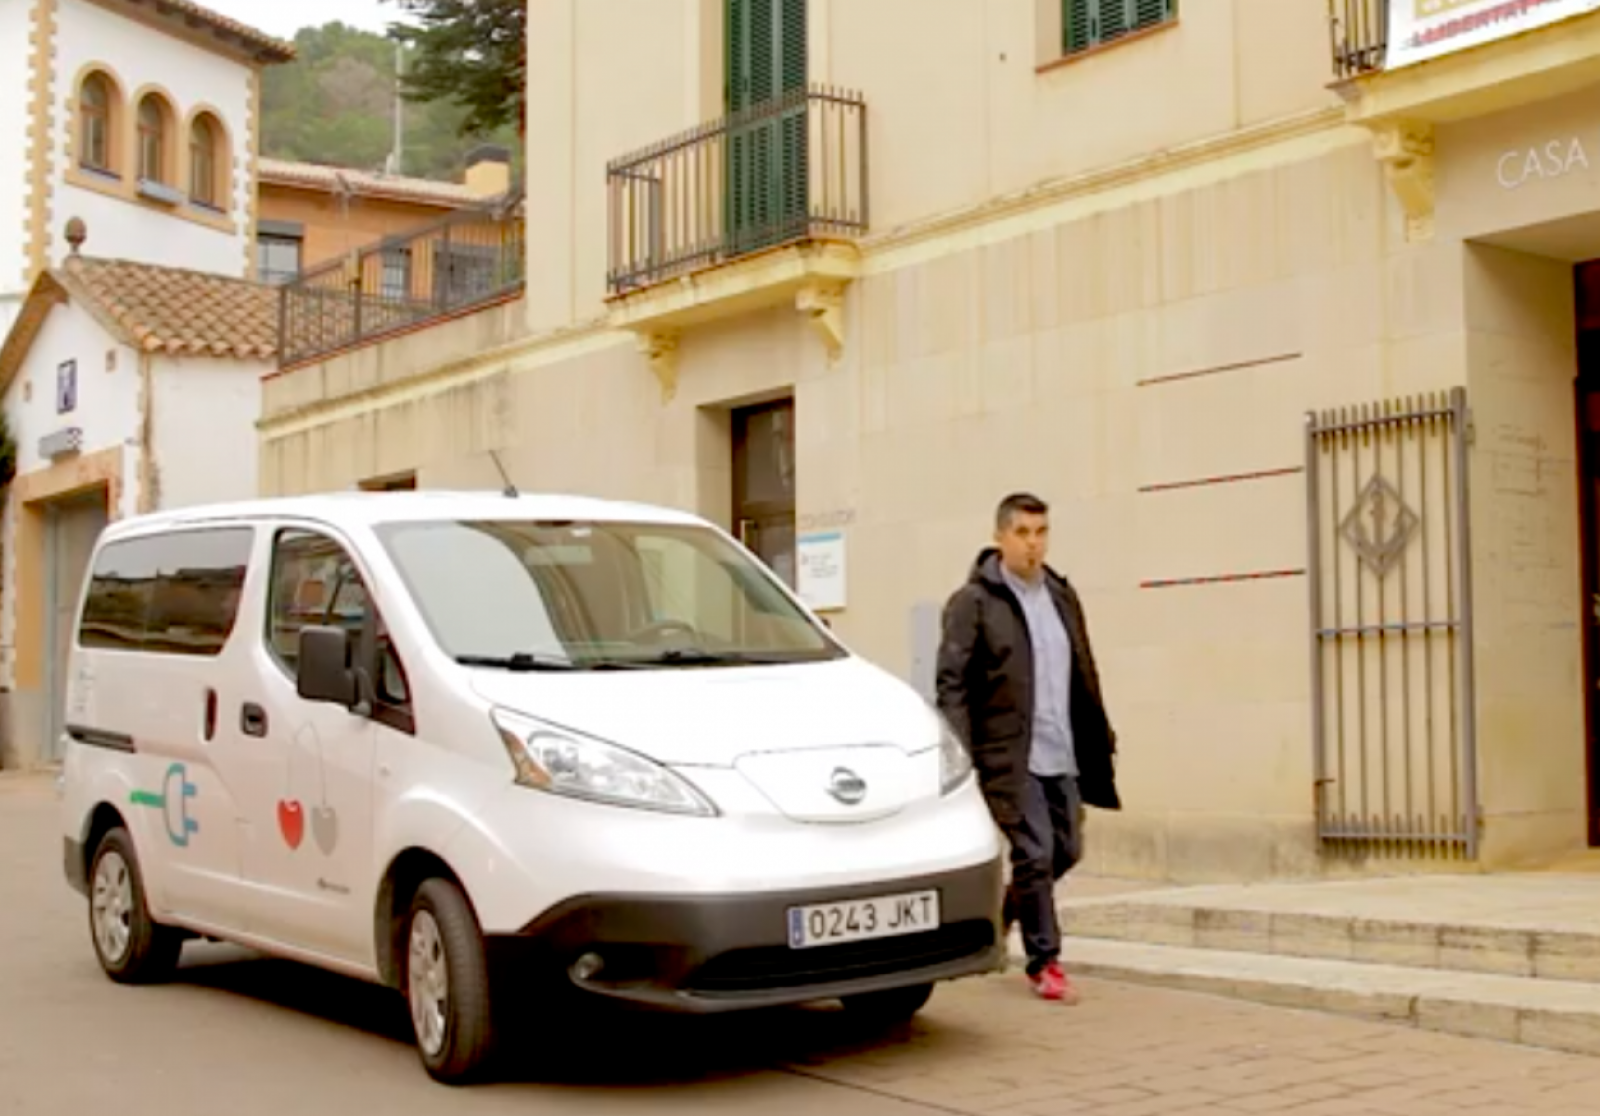 L'Ajuntament de Sant Climent aposta per la mobilitat elèctrica